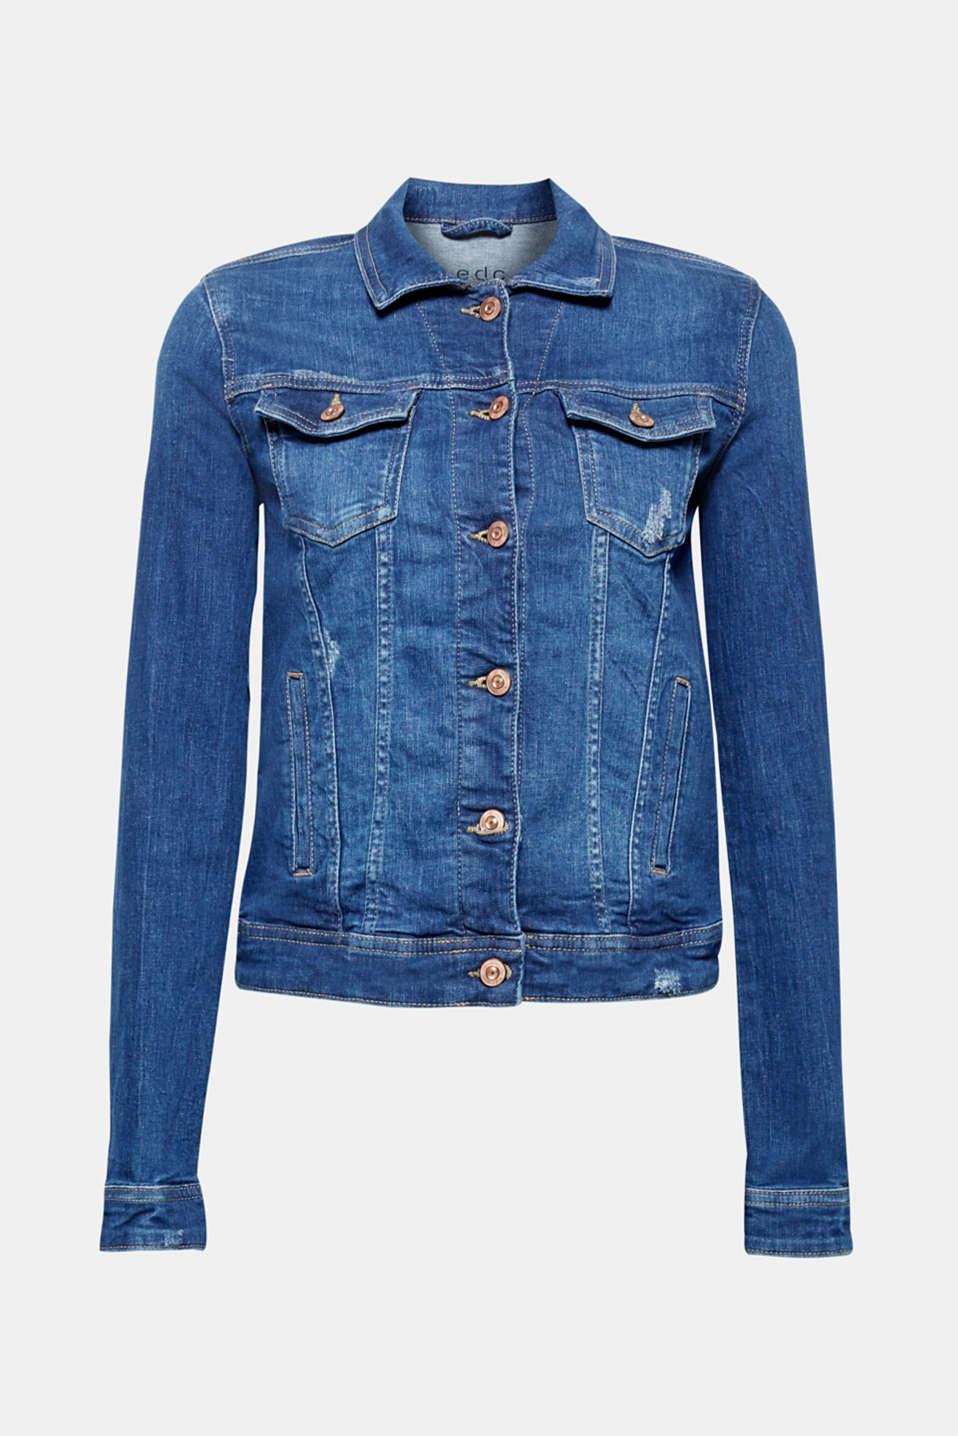 Jackets indoor denim, BLUE MEDIUM WASH, detail image number 6